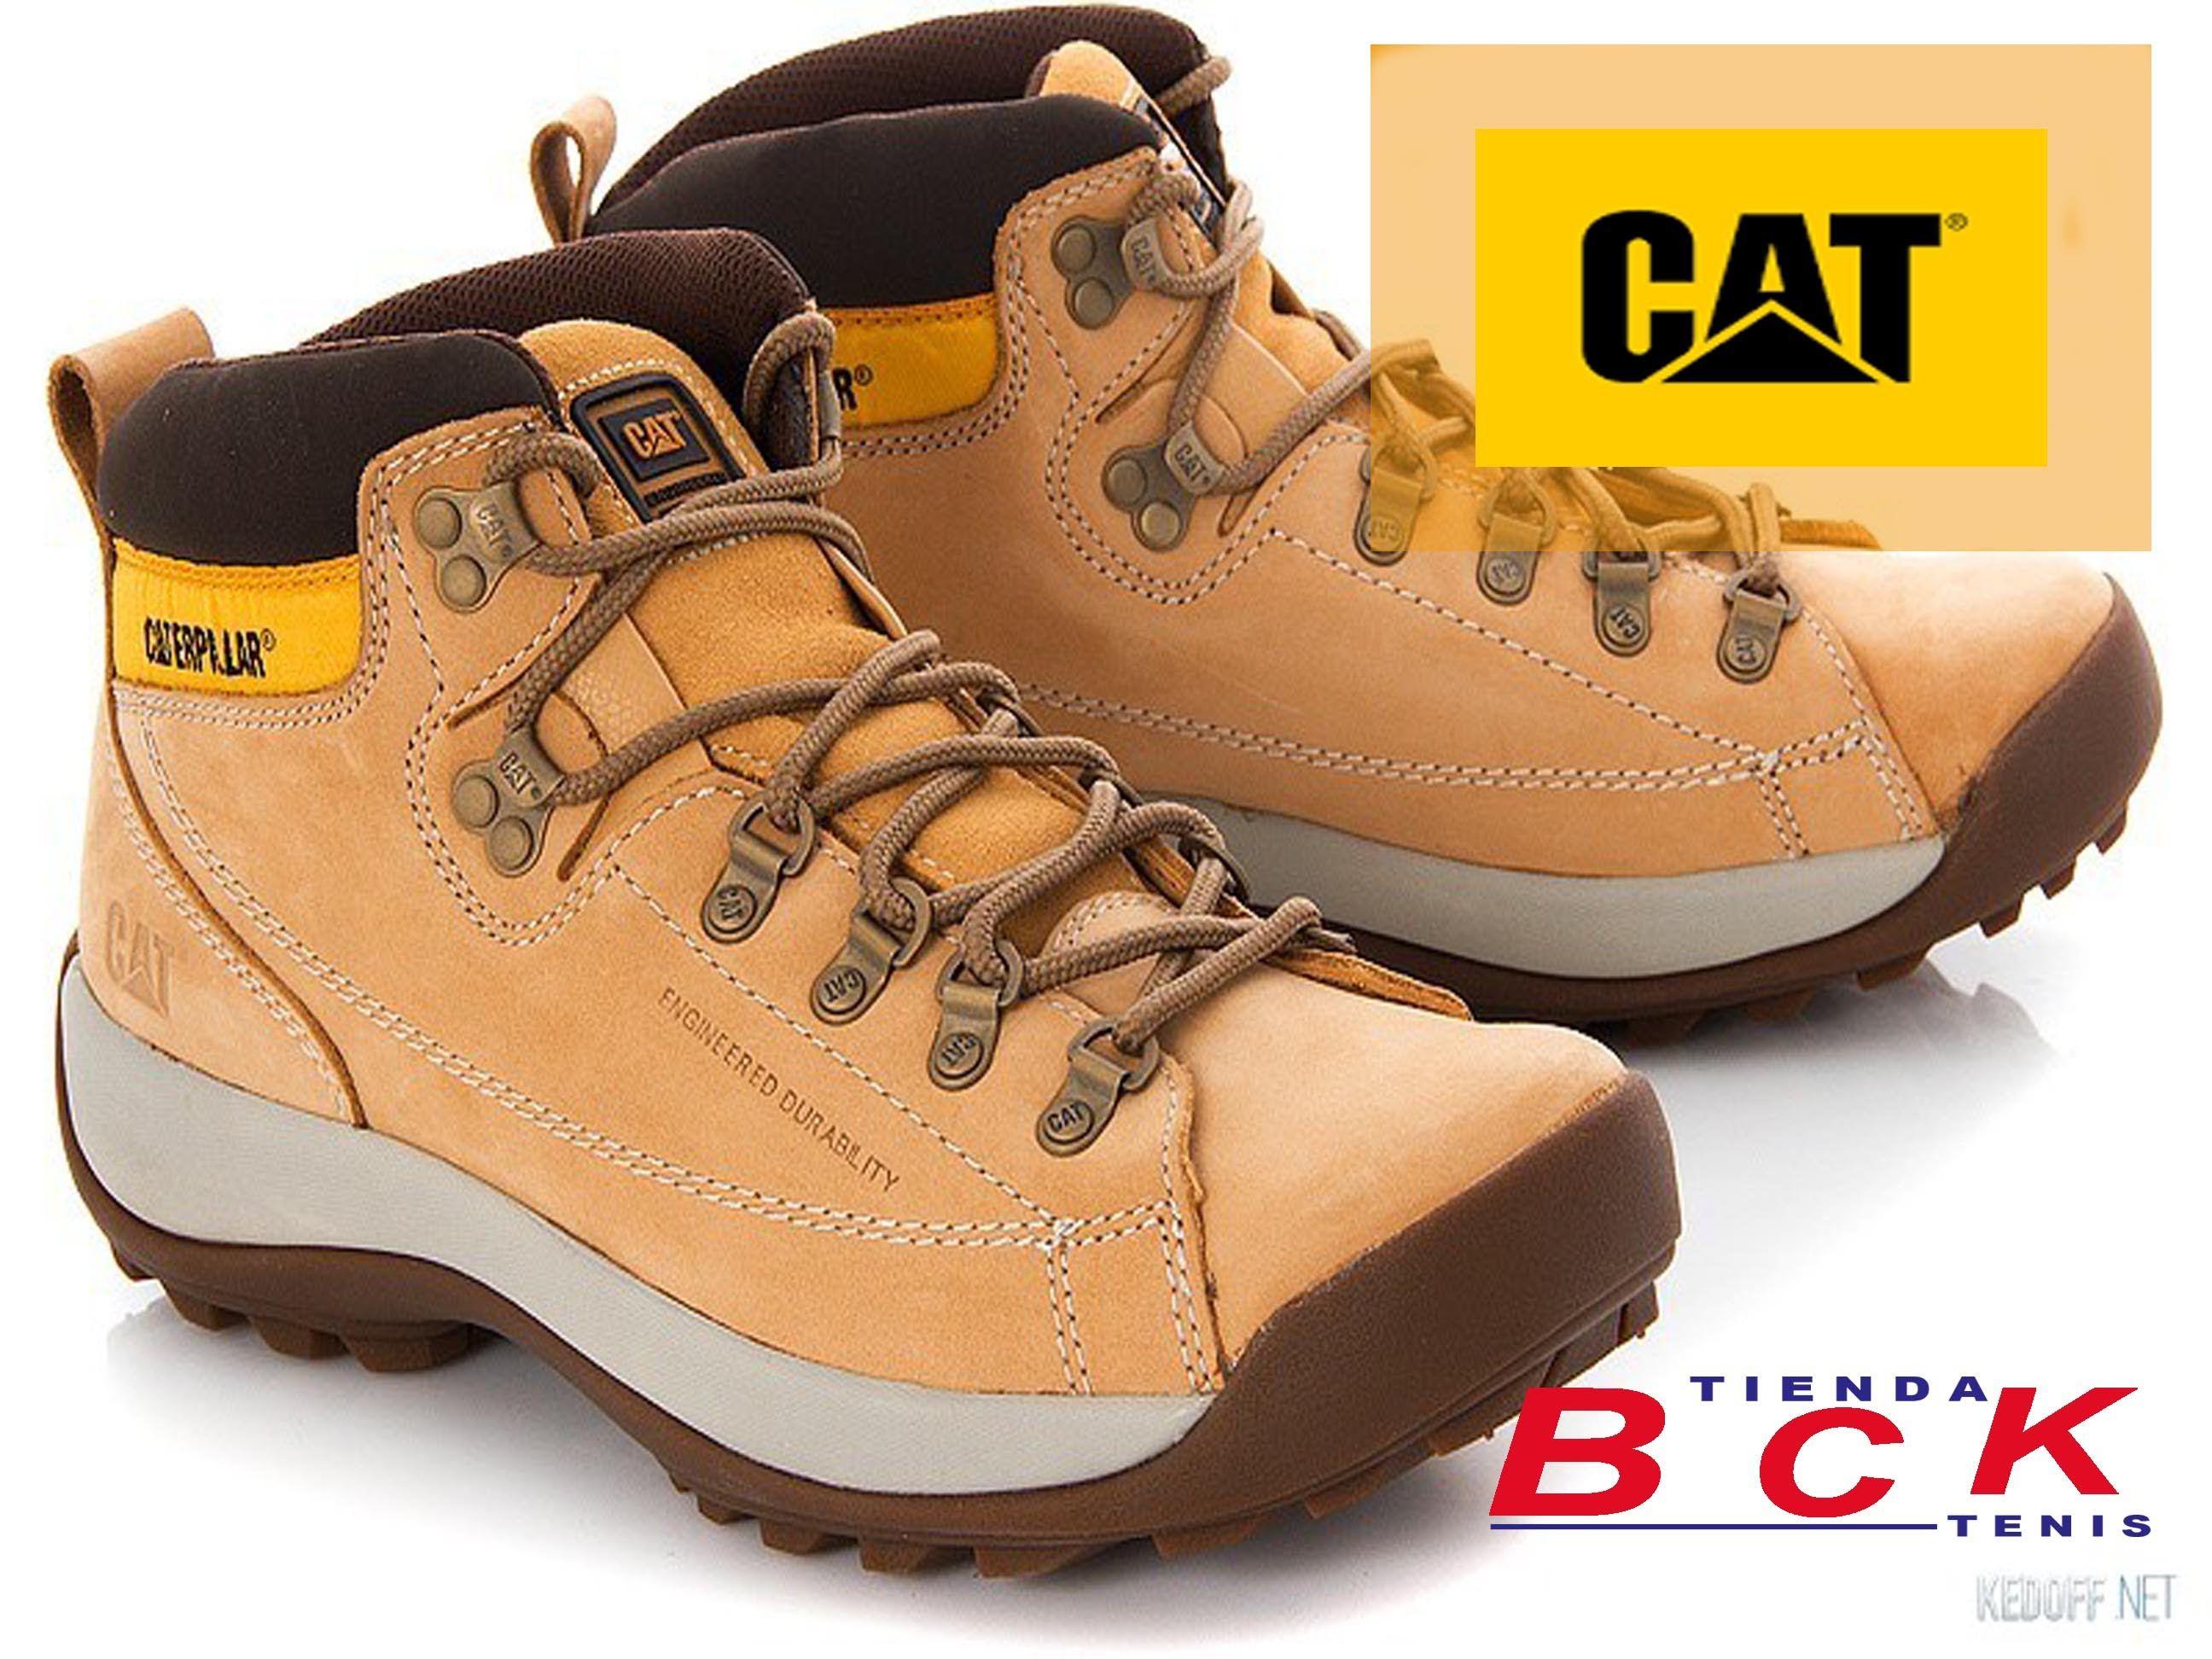 MODELOS DE ZAPATOS CATERPILLAR EN PERU  caterpillar  modelos   modelosdezapatos  zapatos 23f0744a1d6